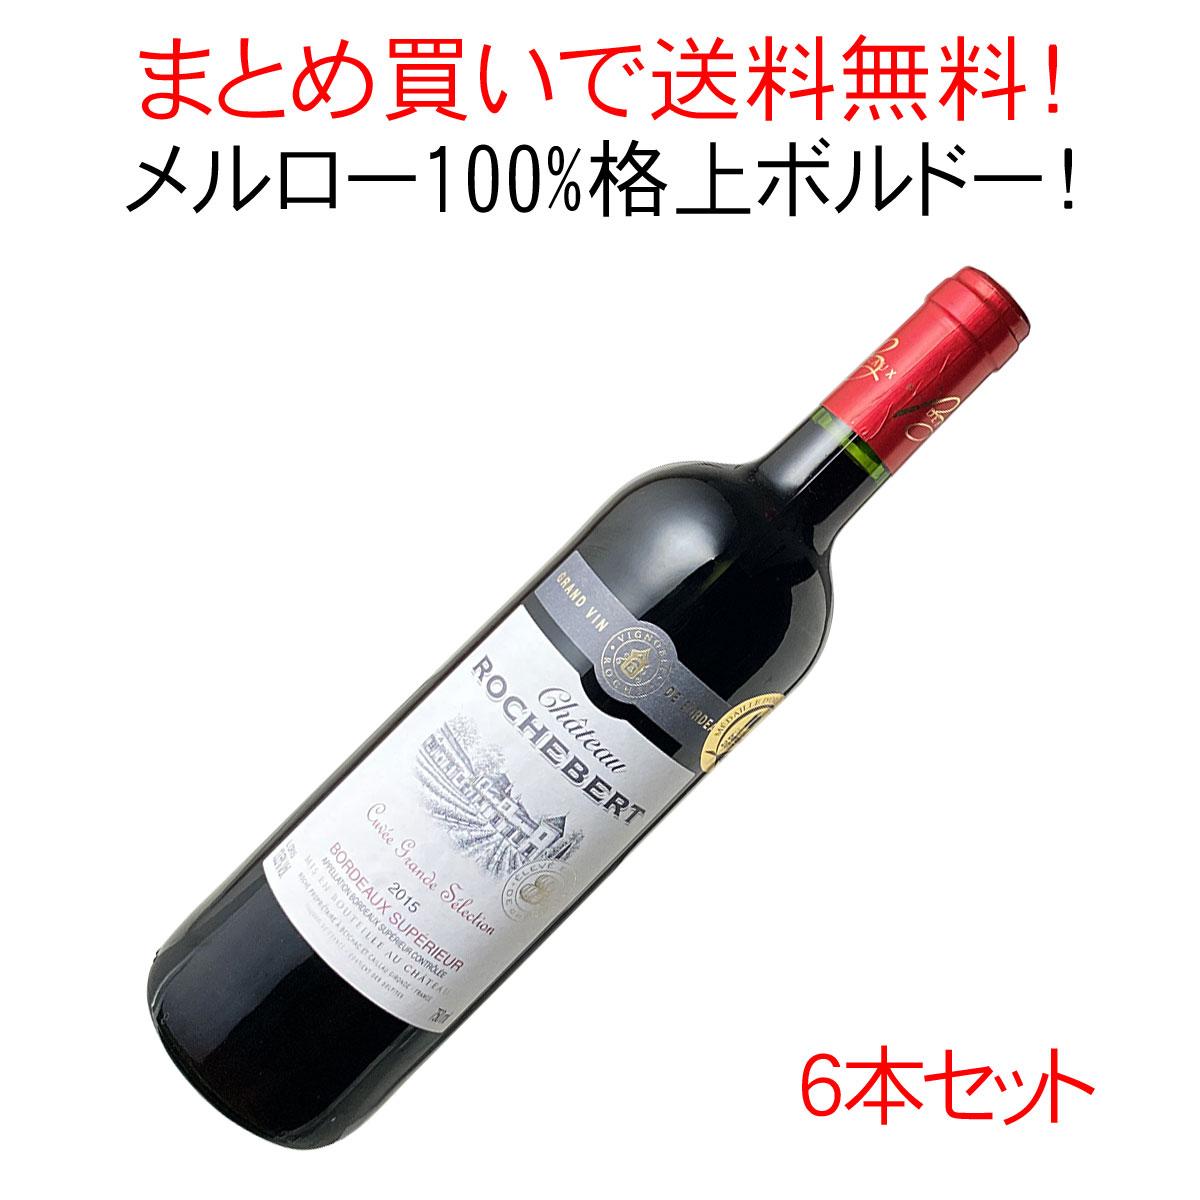 【送料無料】シャトー・ロシュベール キュヴェ・グラン・セレクション [2015] 1ケース6本セット <ワイン/ボルドー>